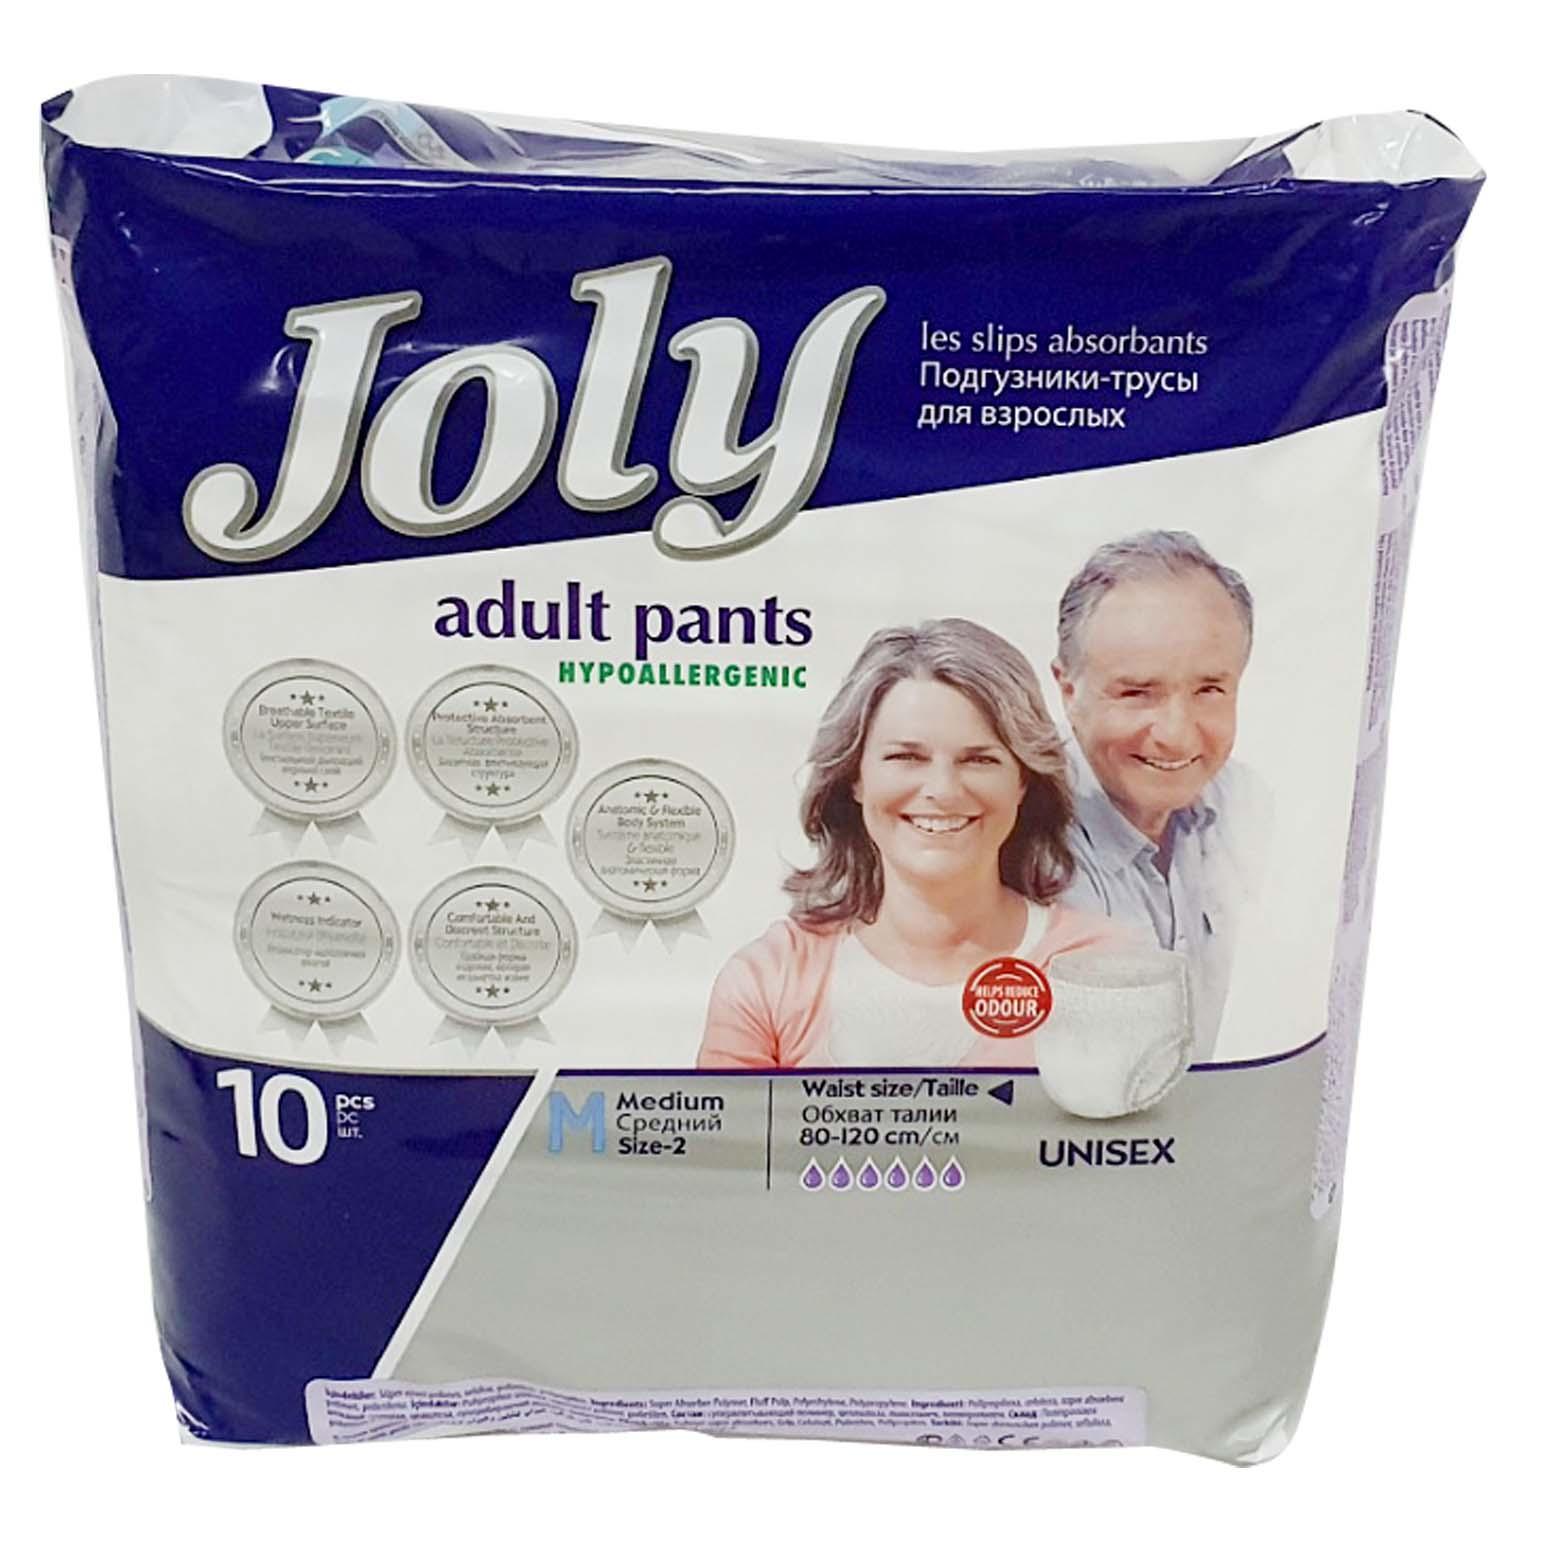 Joly Adult Pants Unisex 10s